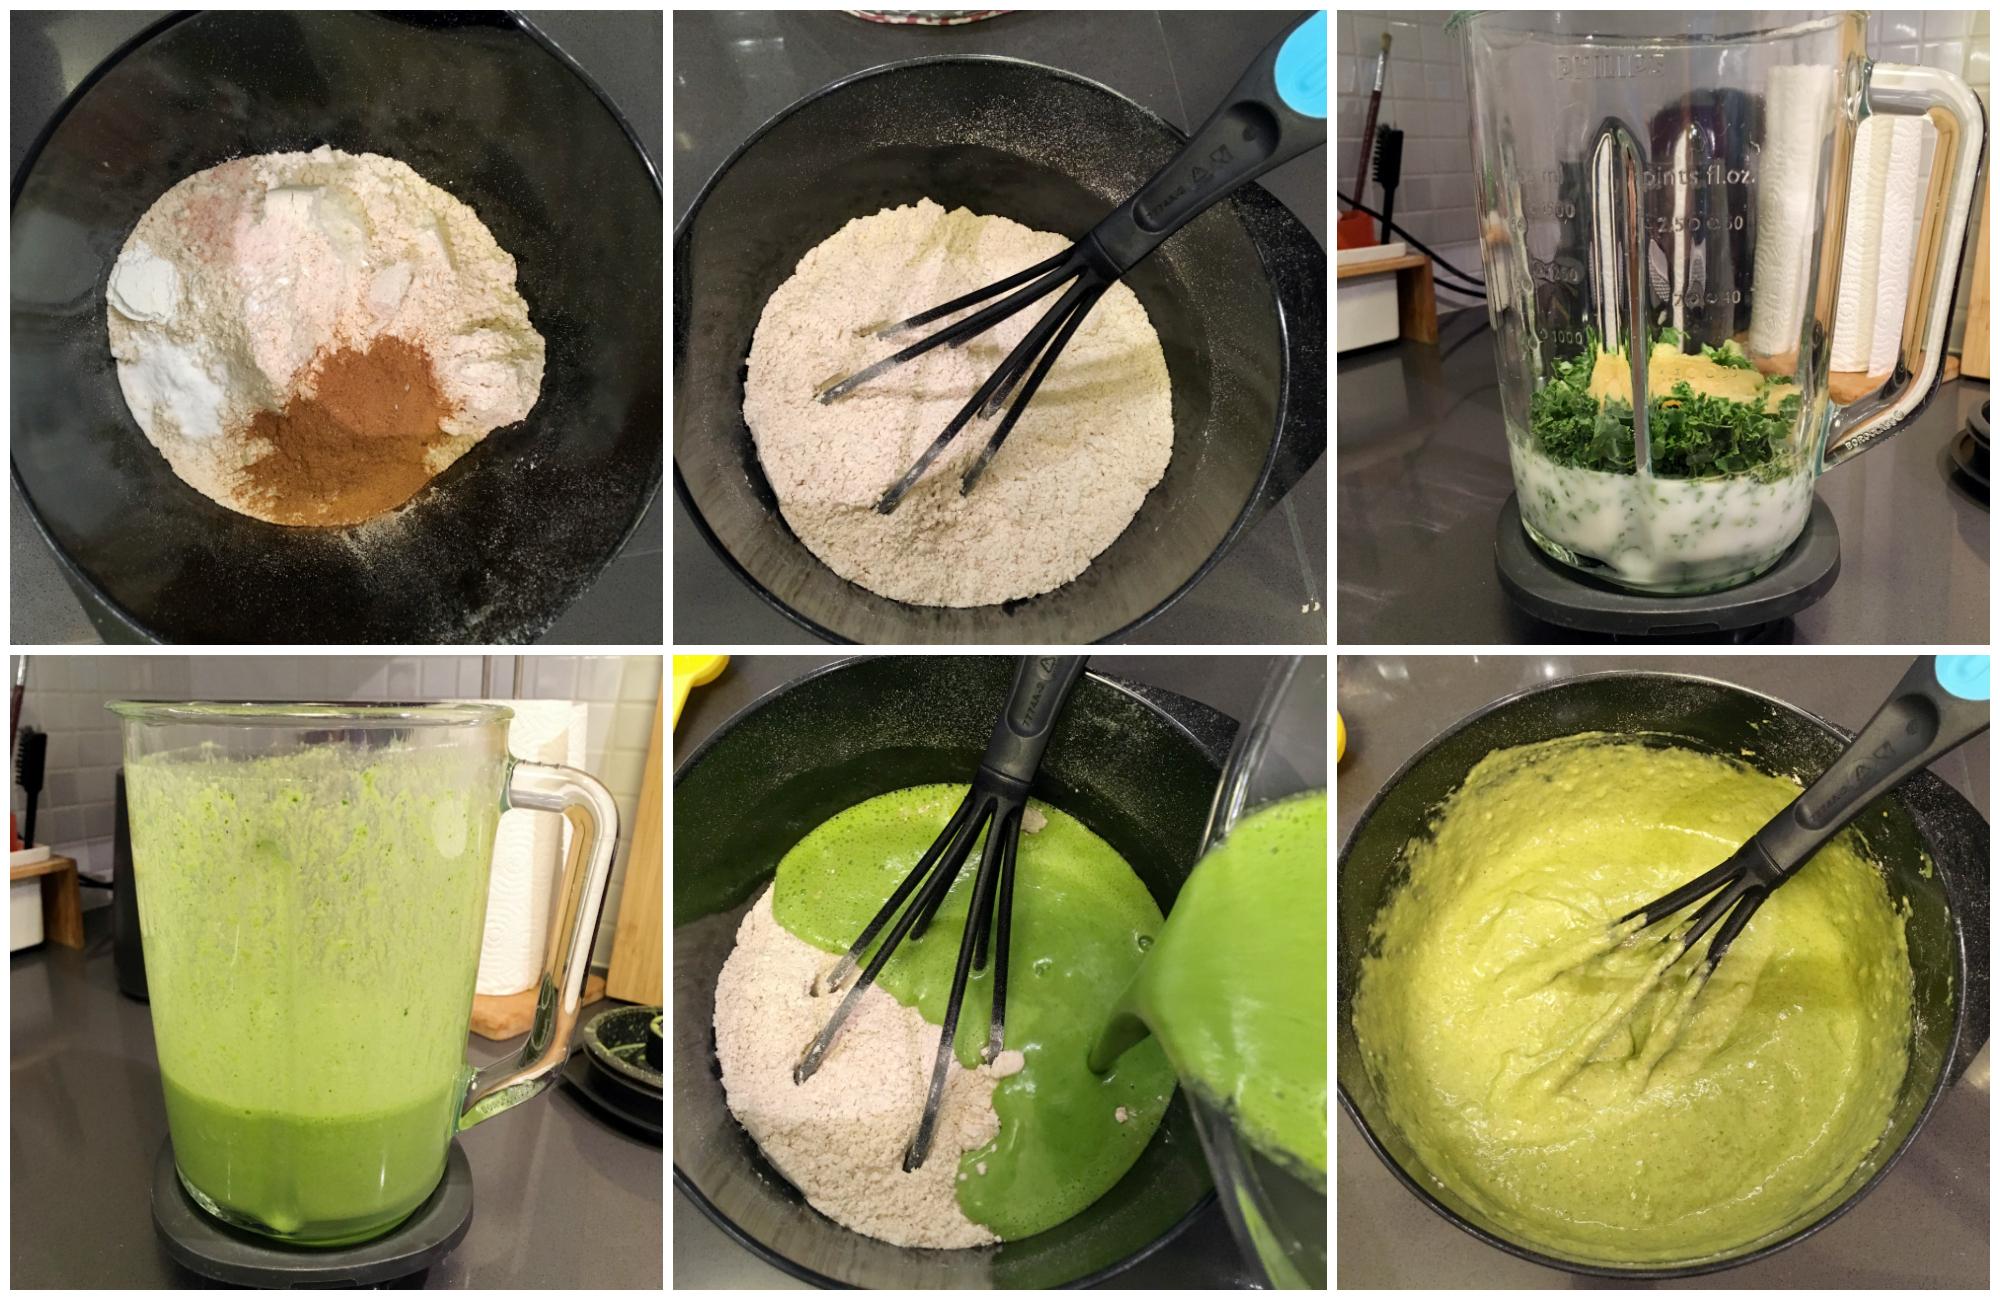 Fluffy Vegan Green Monster Kale Pancakes in the making